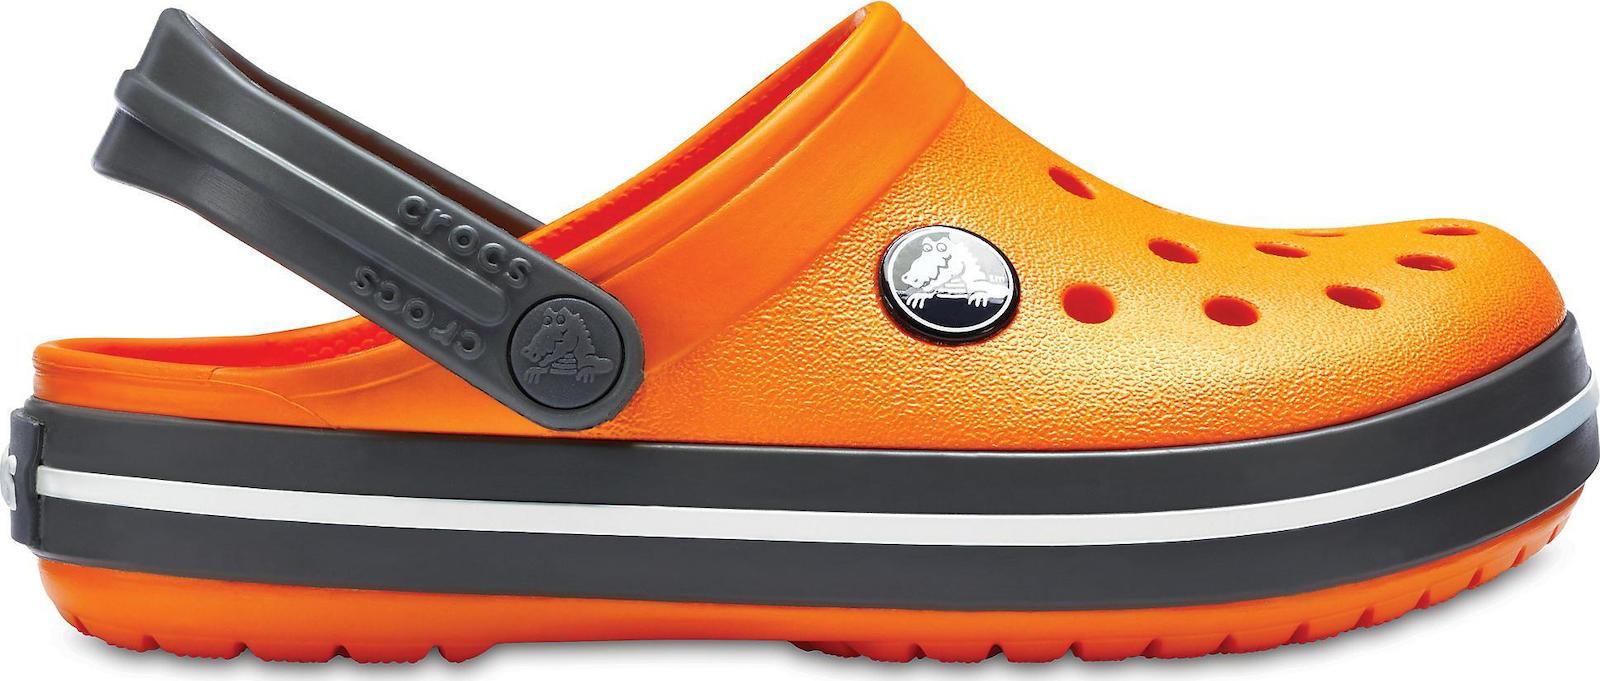 Προσθήκη στα αγαπημένα menu Crocs Crocband Kids Blazing Orange Slate Grey  204537-82N 77c5d753325